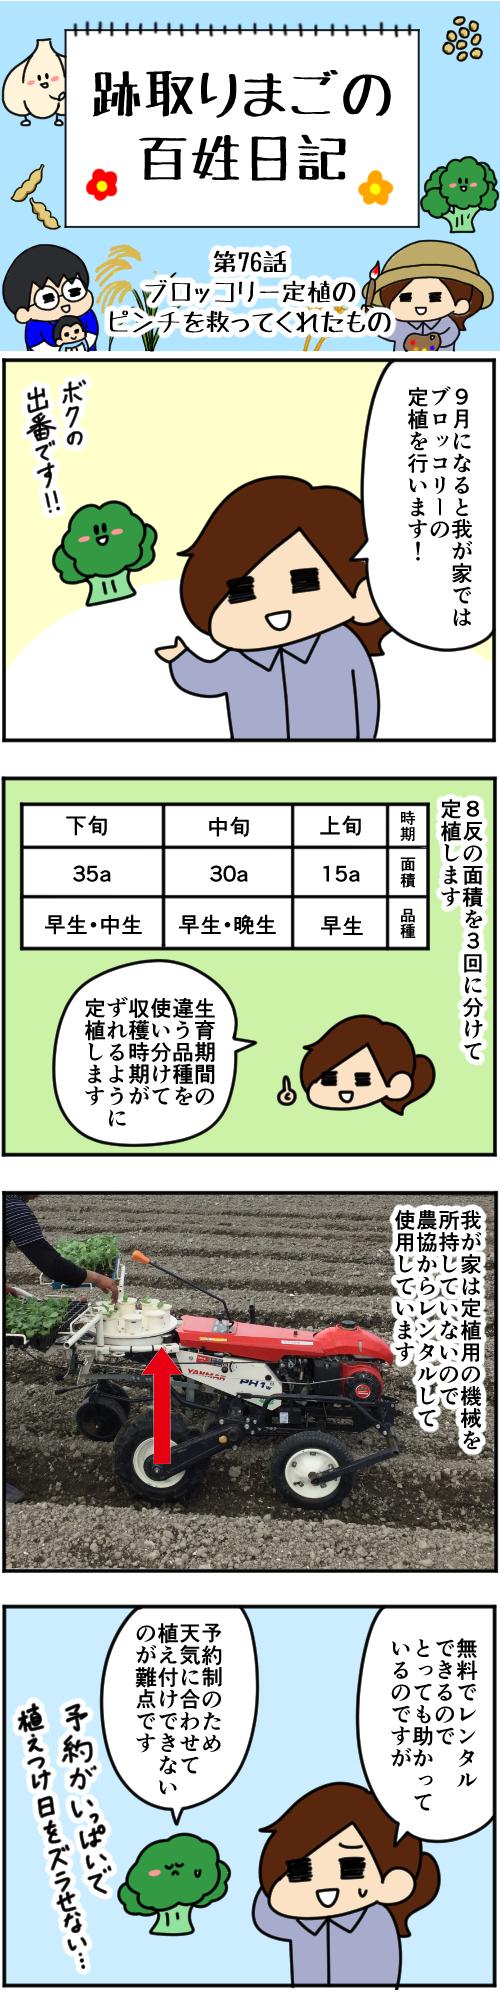 1 第76話本編